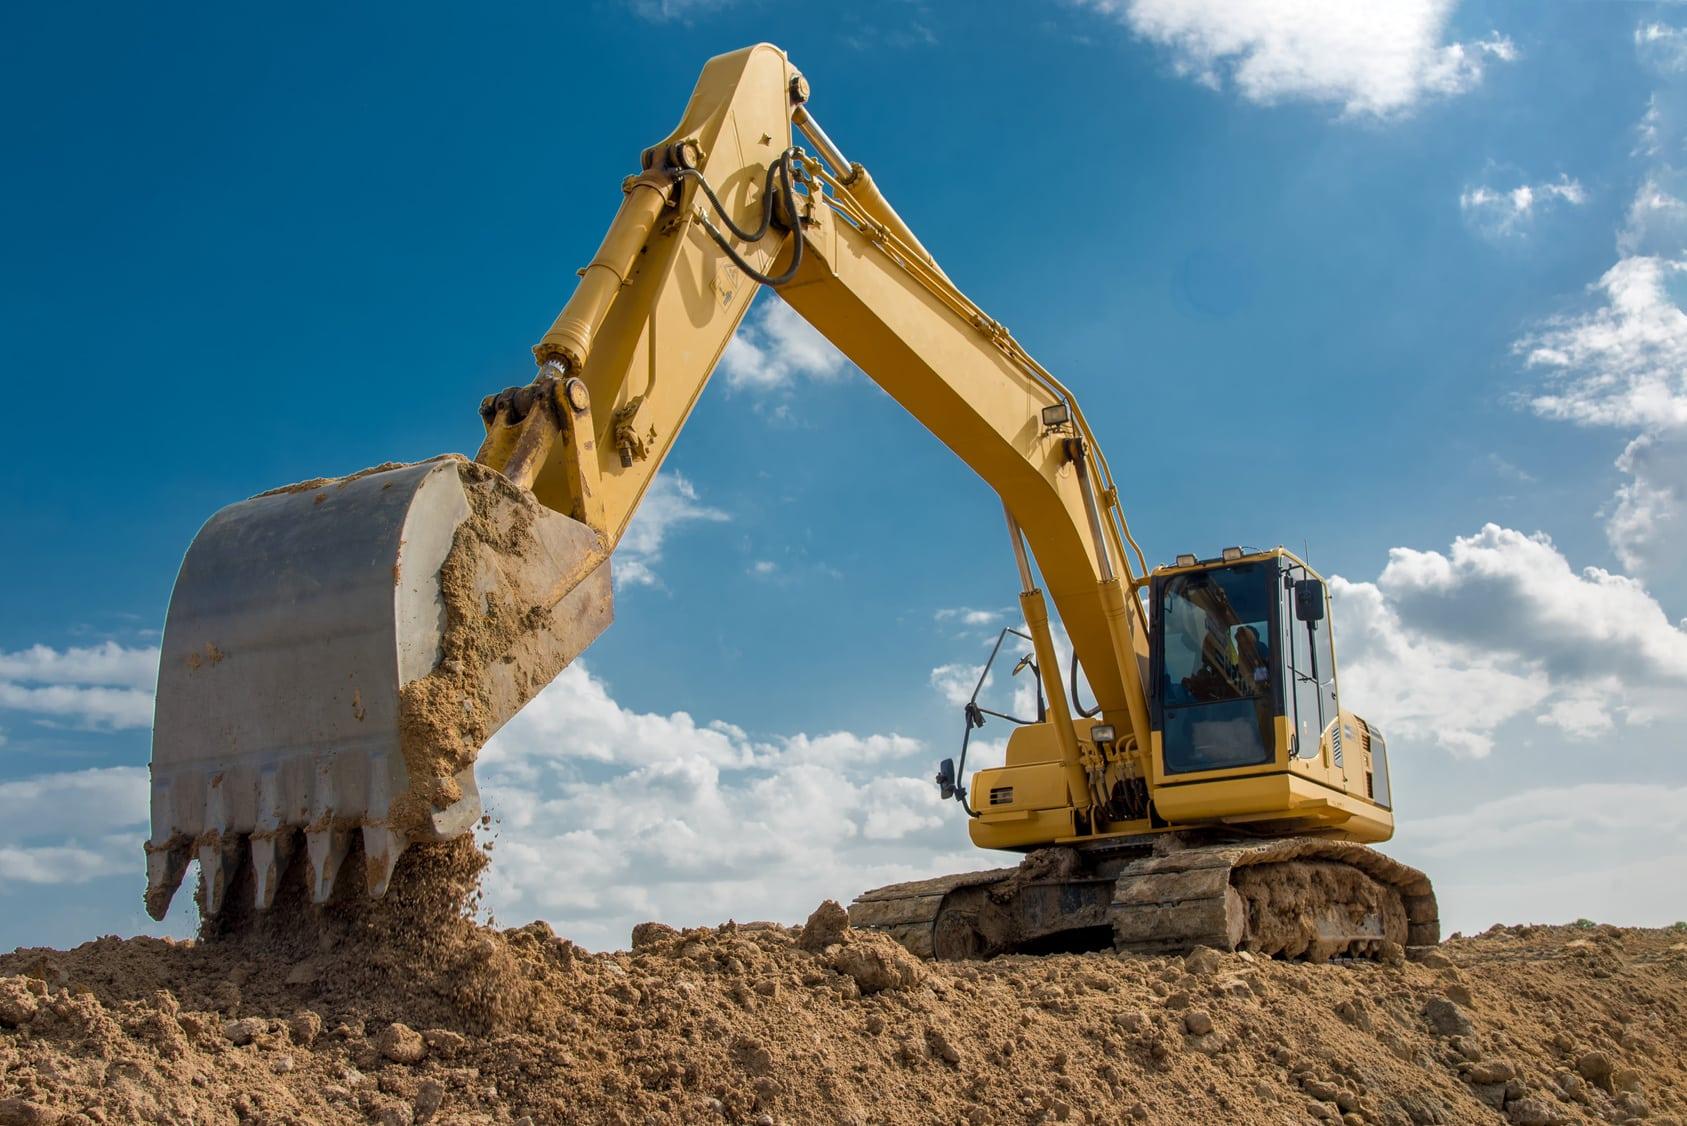 """אתרים חיוניים לפרויקטים של פינוי בינוי, תמ""""א 38 והתחדשות עירונית"""